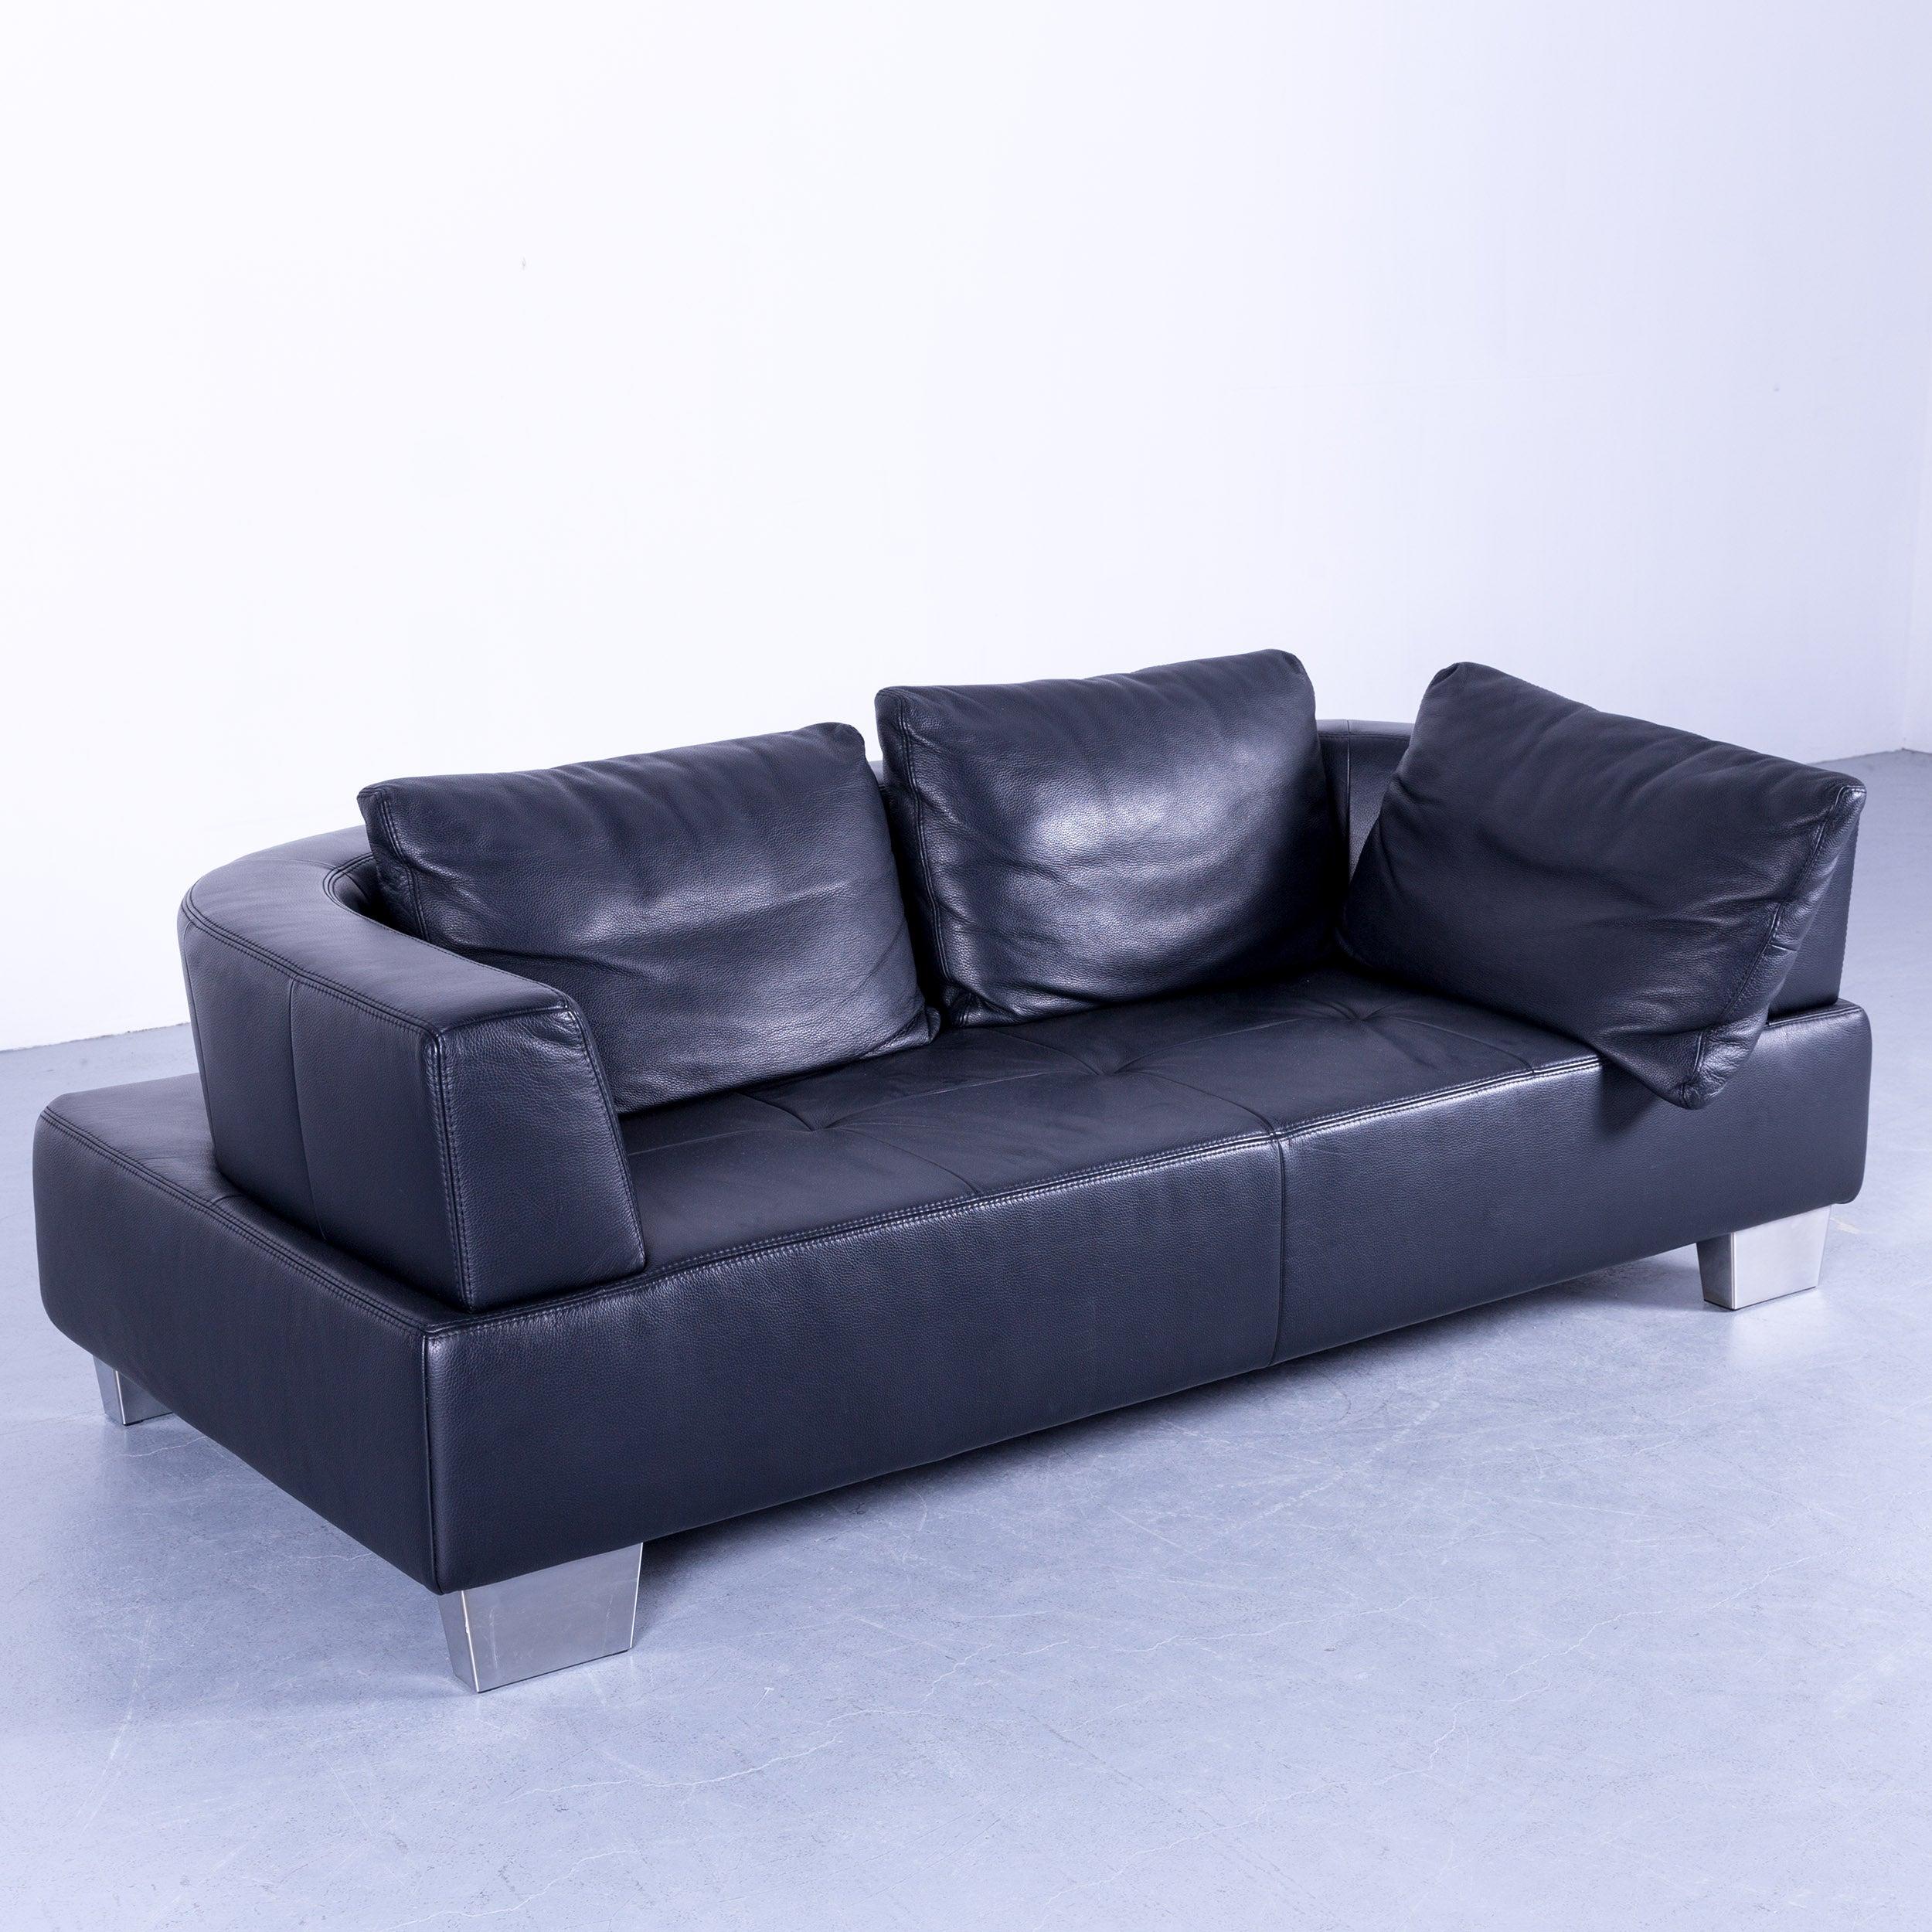 schillig sofa schwarz. Black Bedroom Furniture Sets. Home Design Ideas